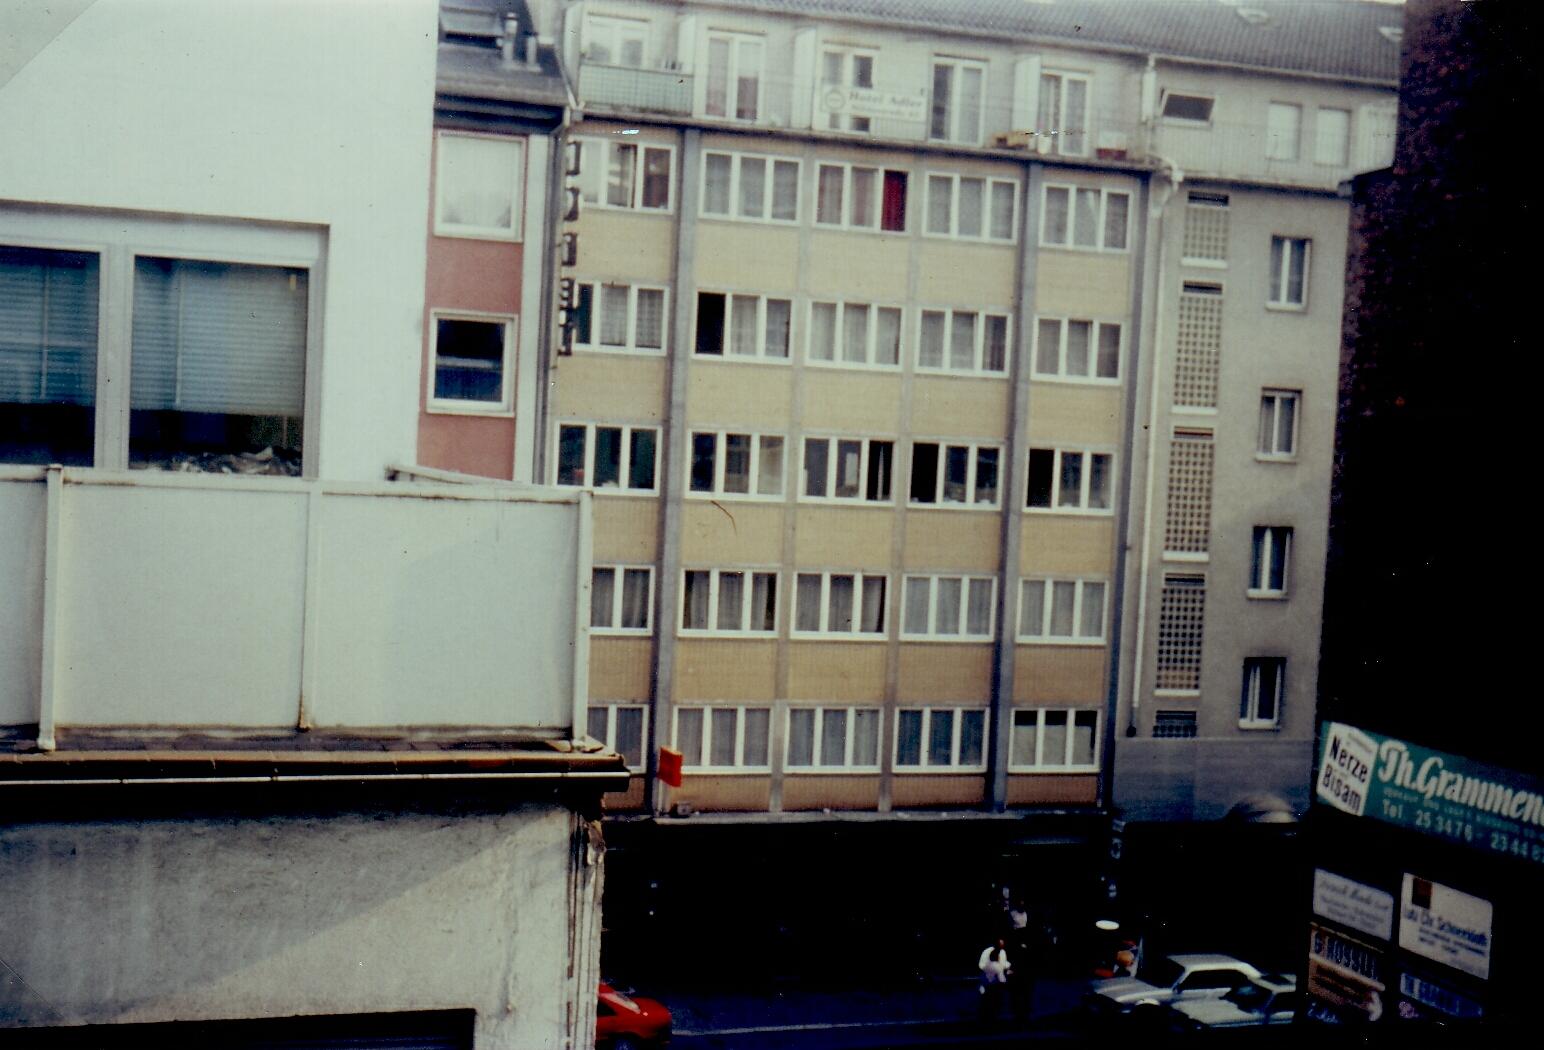 Hotel Adler Frankfurt Niddastra Ef Bf Bde